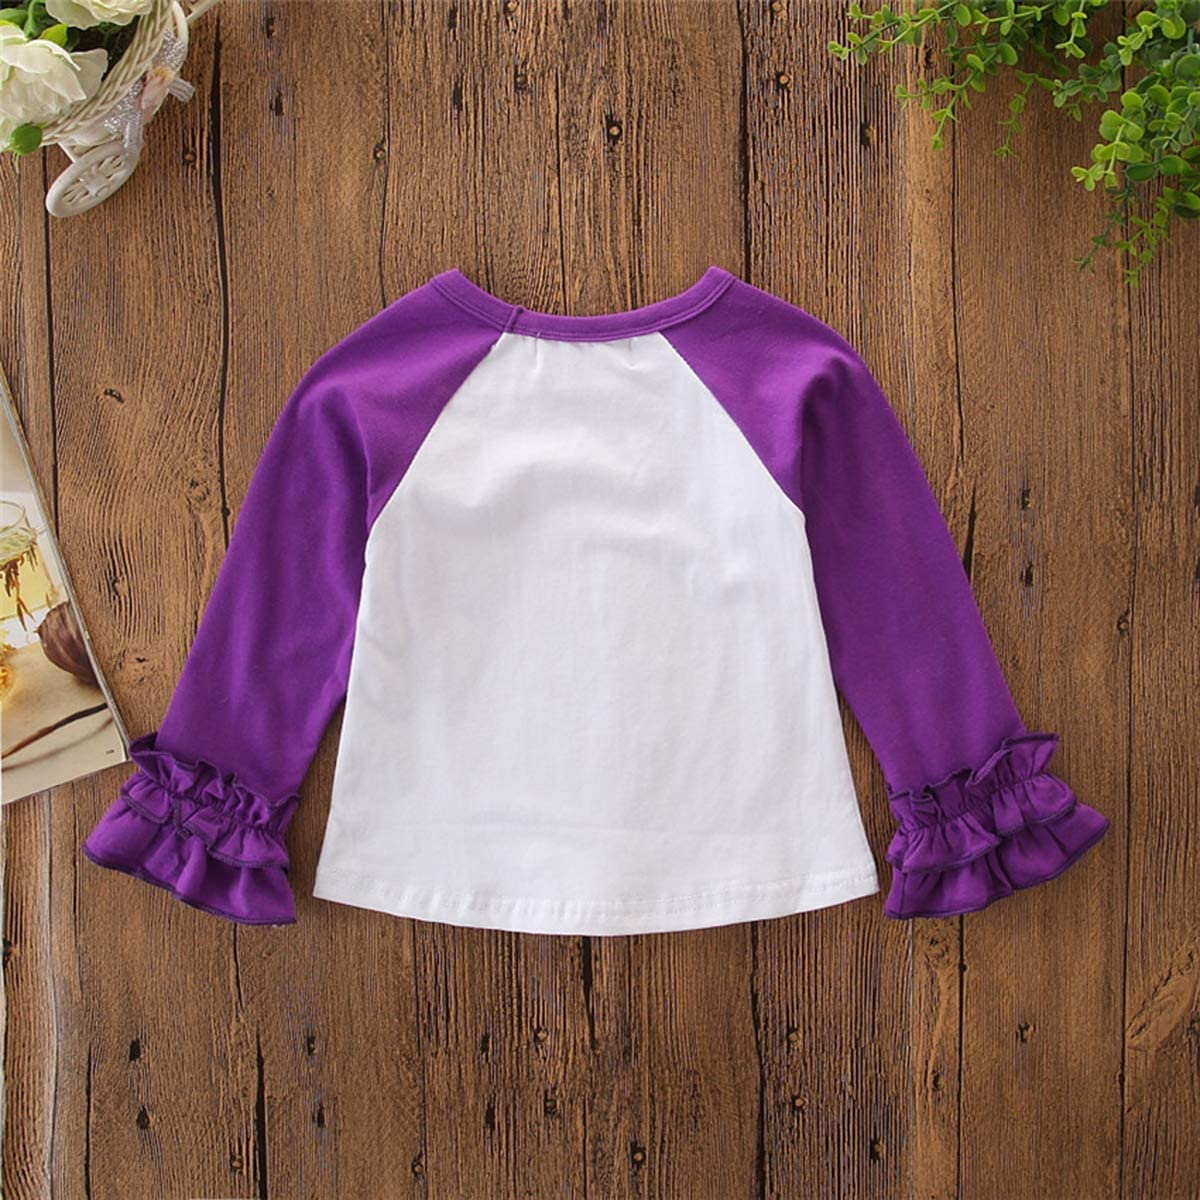 Toddler Baby Kids Girl Halloween Pumpkin Print Long Sleeve Cotton T-Shirt Top